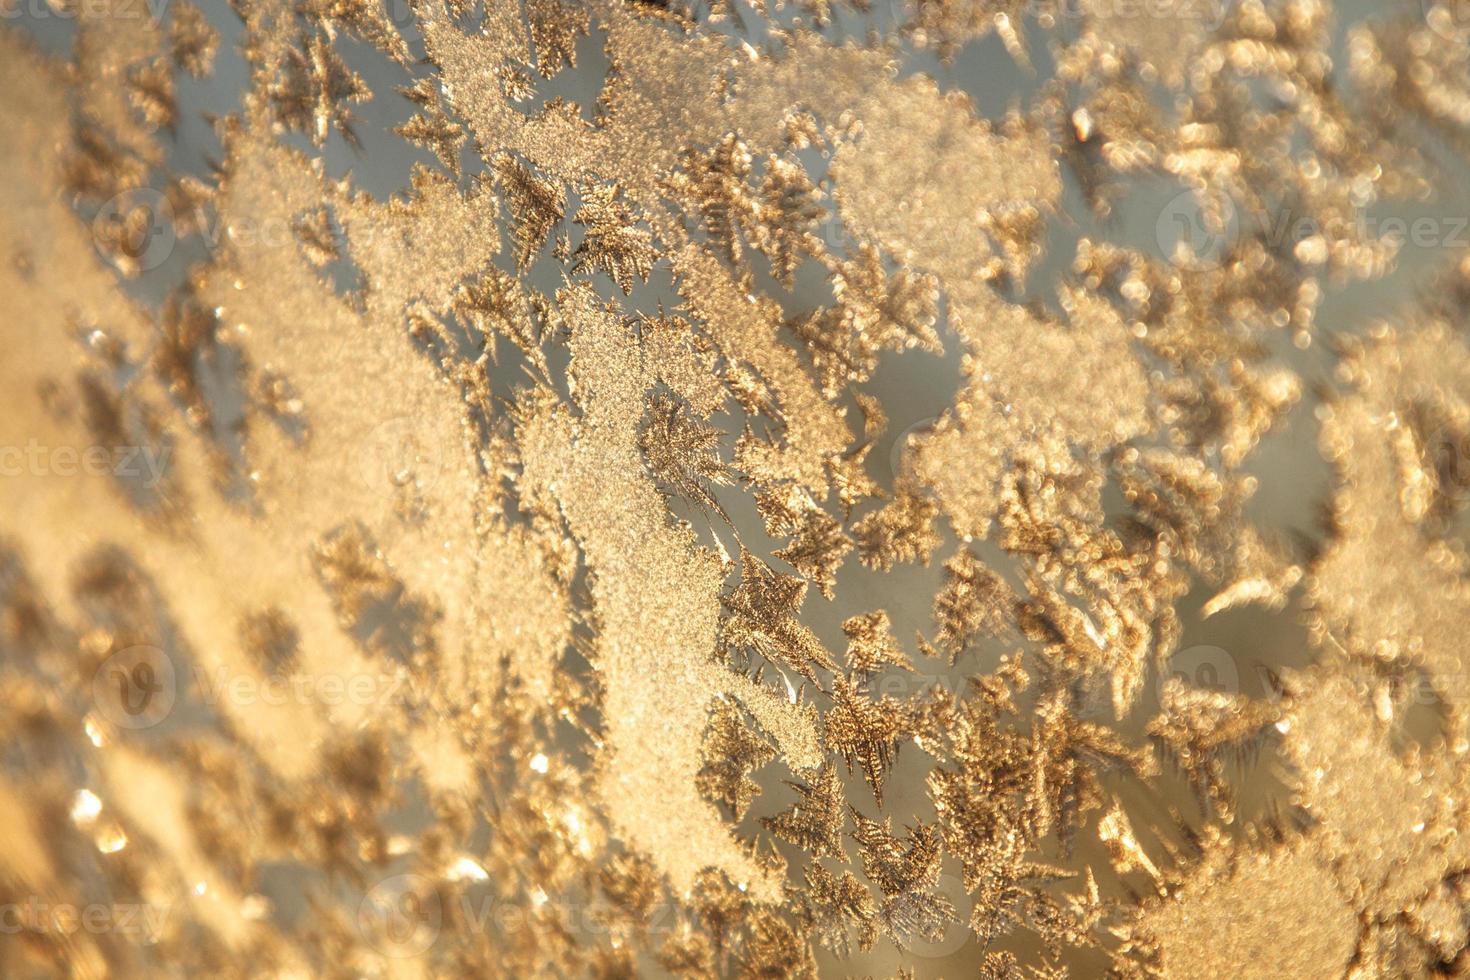 ventana de invierno brillante decoración de hielo foto